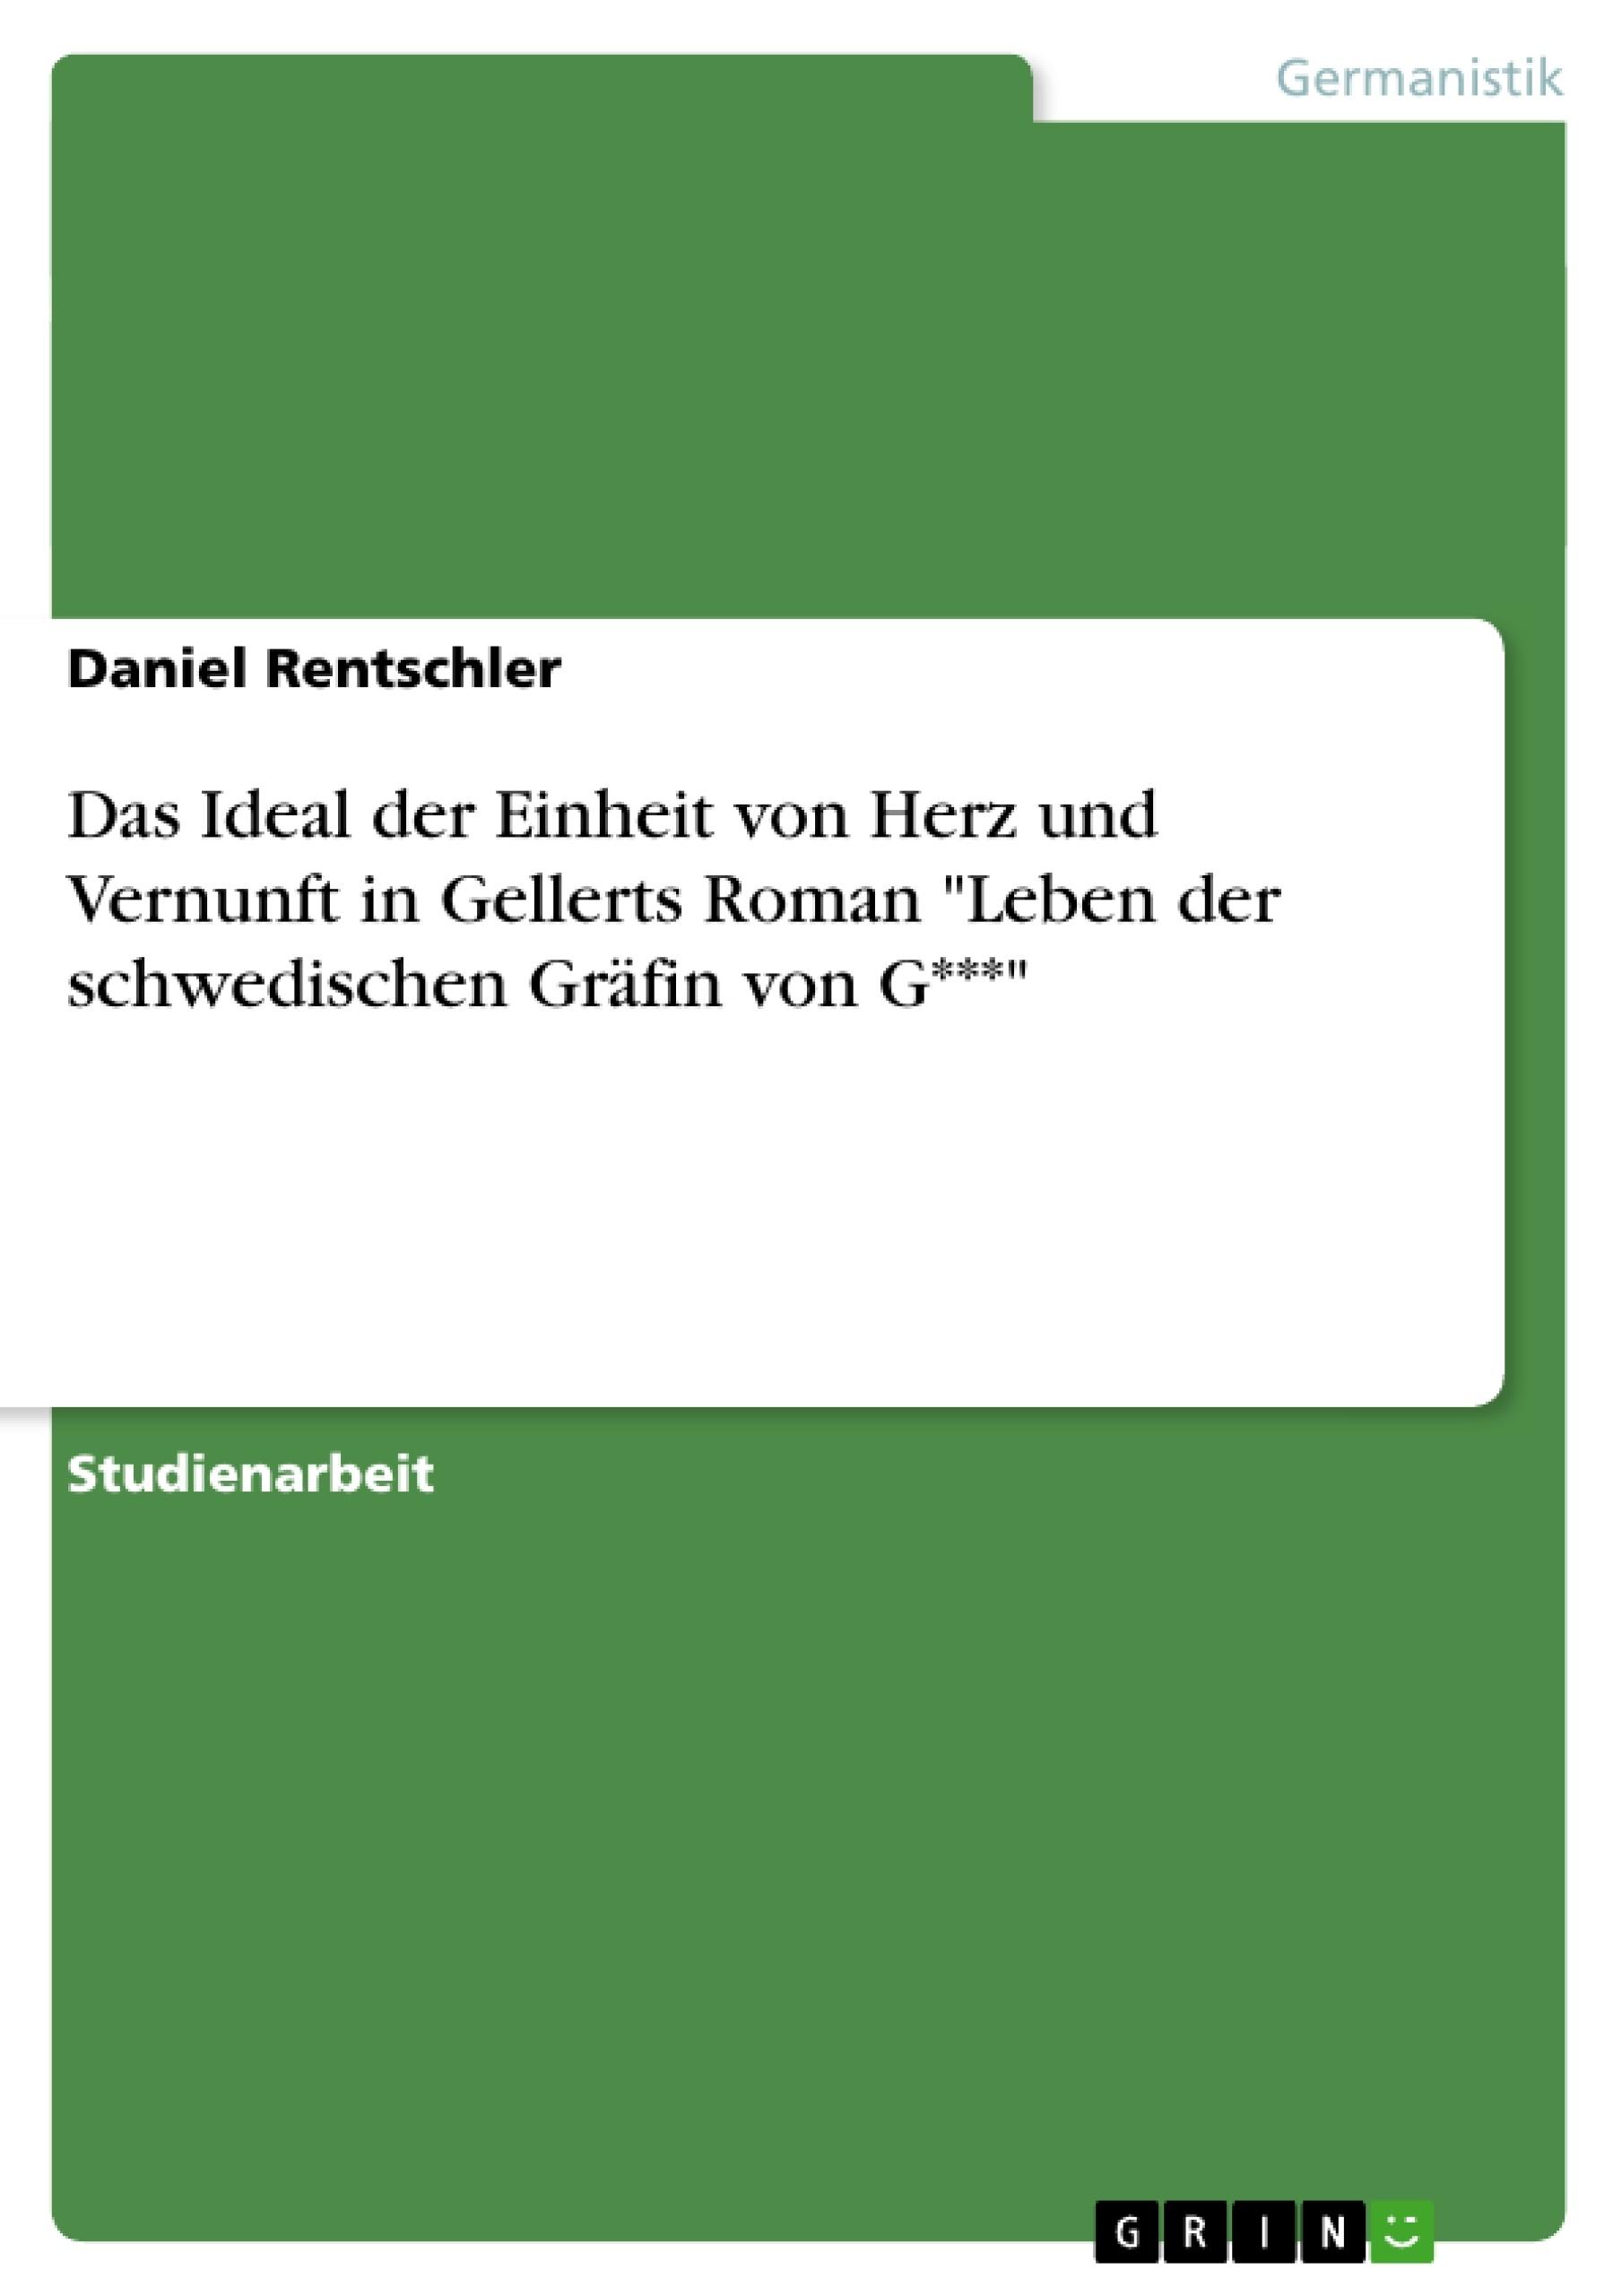 """Titel: Das Ideal der Einheit von Herz und Vernunft in Gellerts Roman """"Leben der schwedischen Gräfin von G***"""""""